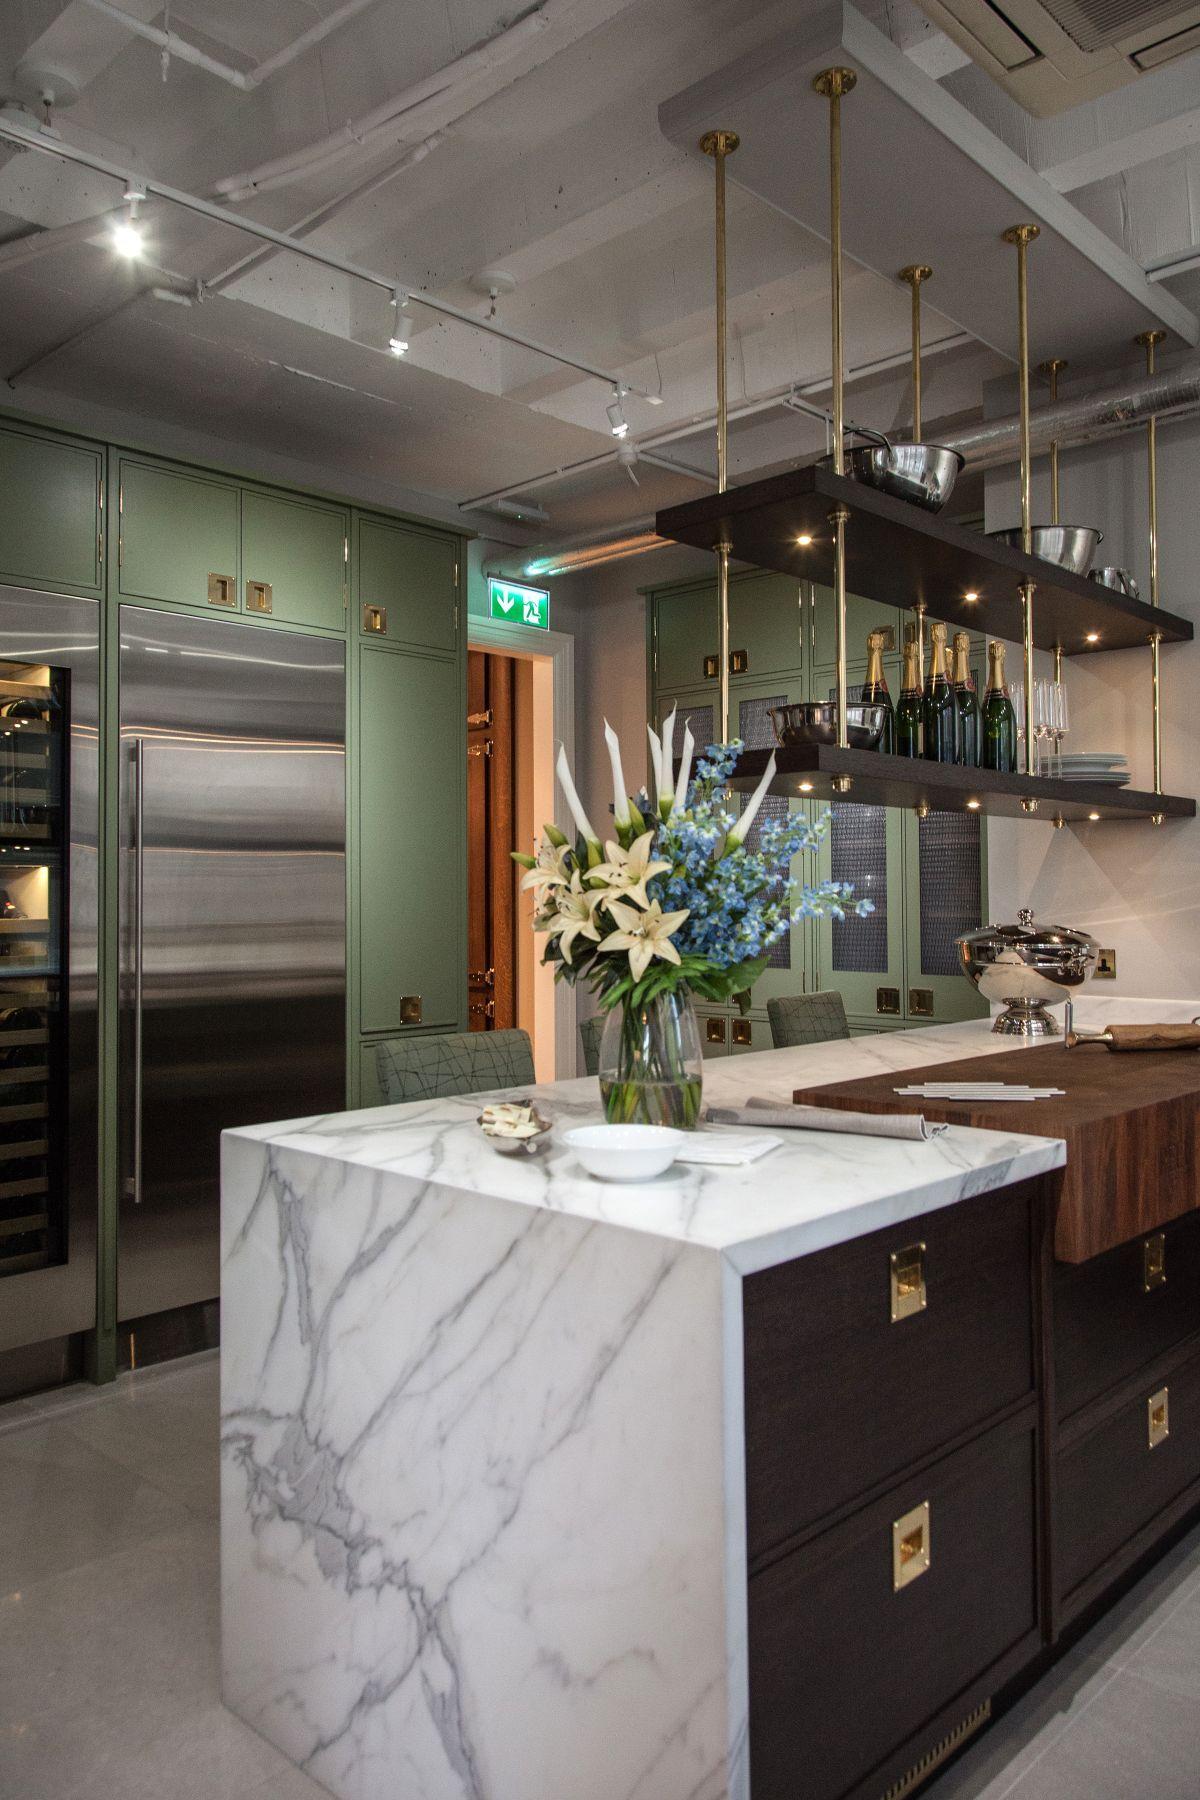 Spezielle Küche Dekor Ideen zu Ihrem nächsten Umbau zu inspirieren ...